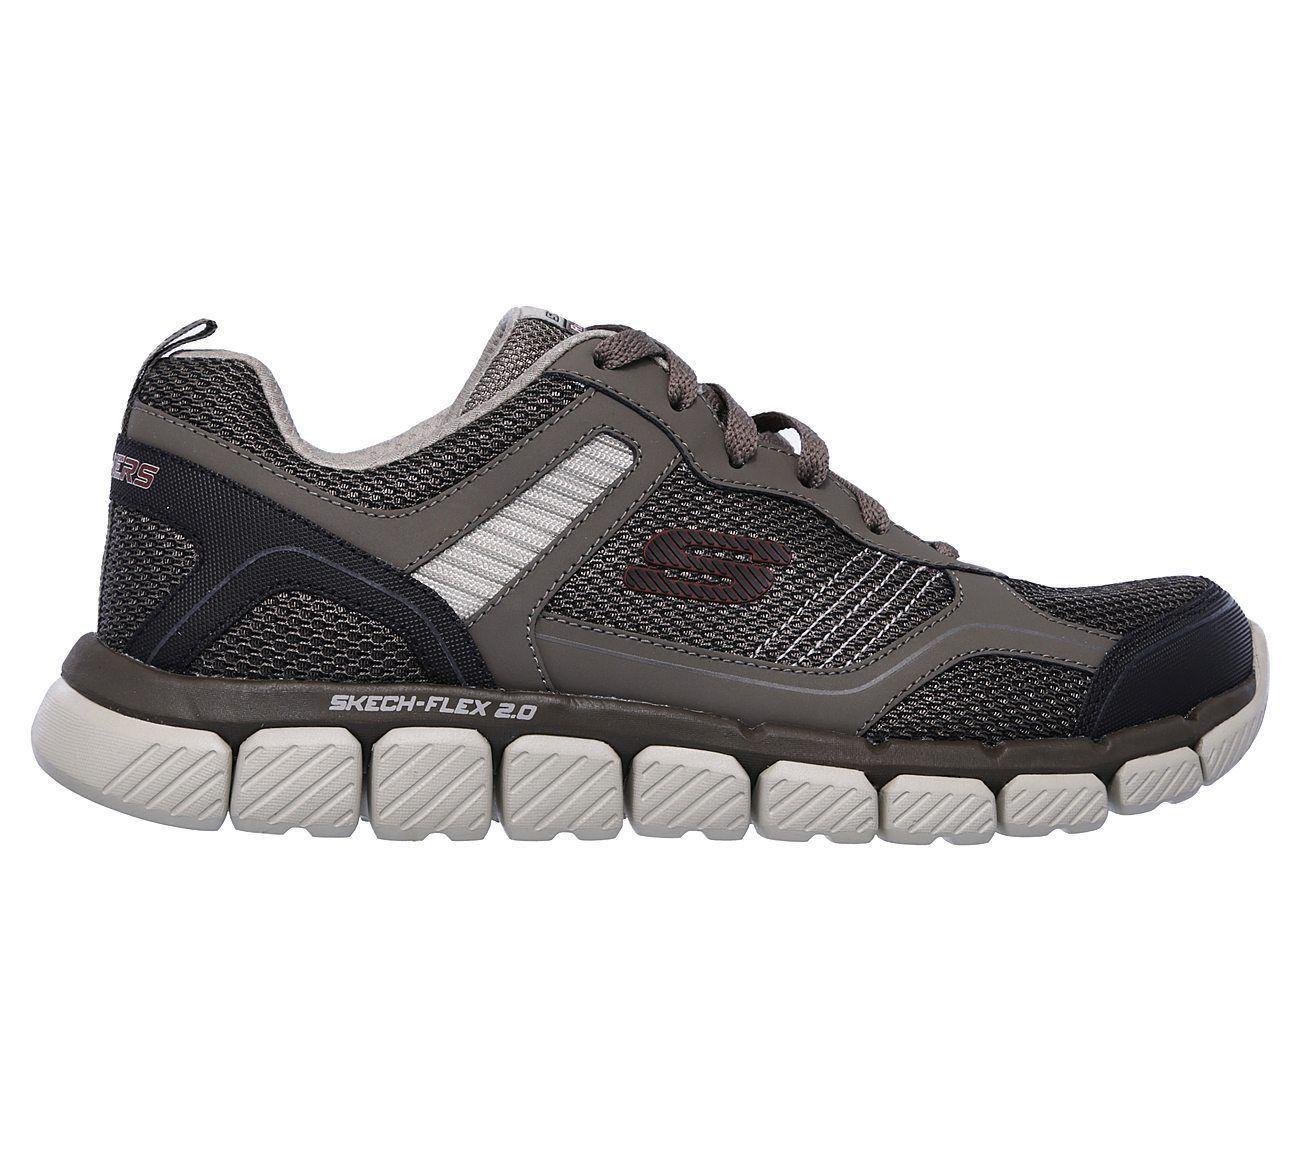 270b789c79623 ... 52842 Brown Skechers shoes Men Memory Foam Comfort Sport Train Mesh  Athletic New ...